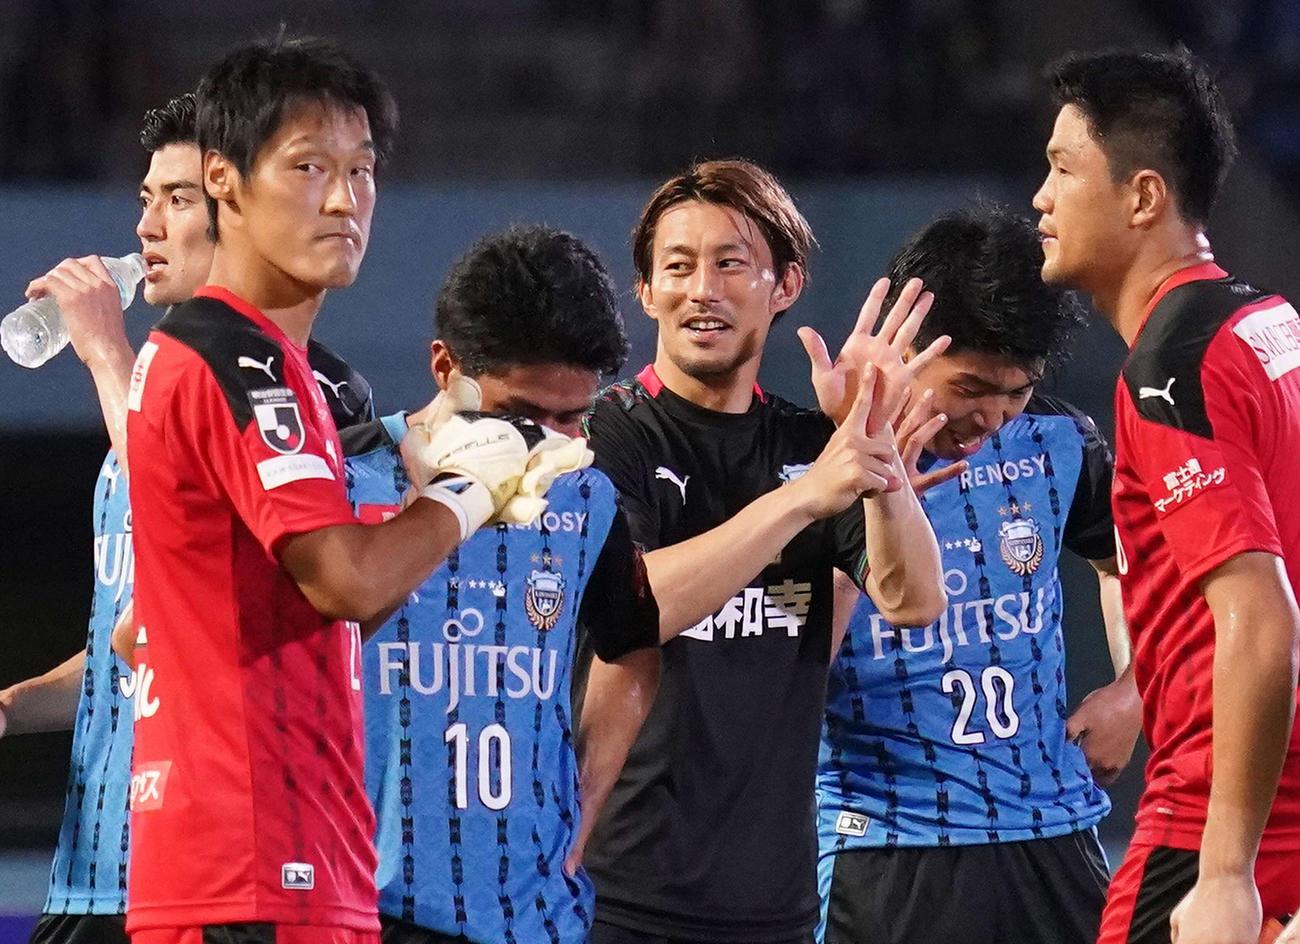 川崎F対湘南 湘南に勝利し6連勝とし手で「6」を見せるMF家長(中央)(撮影・江口和貴)